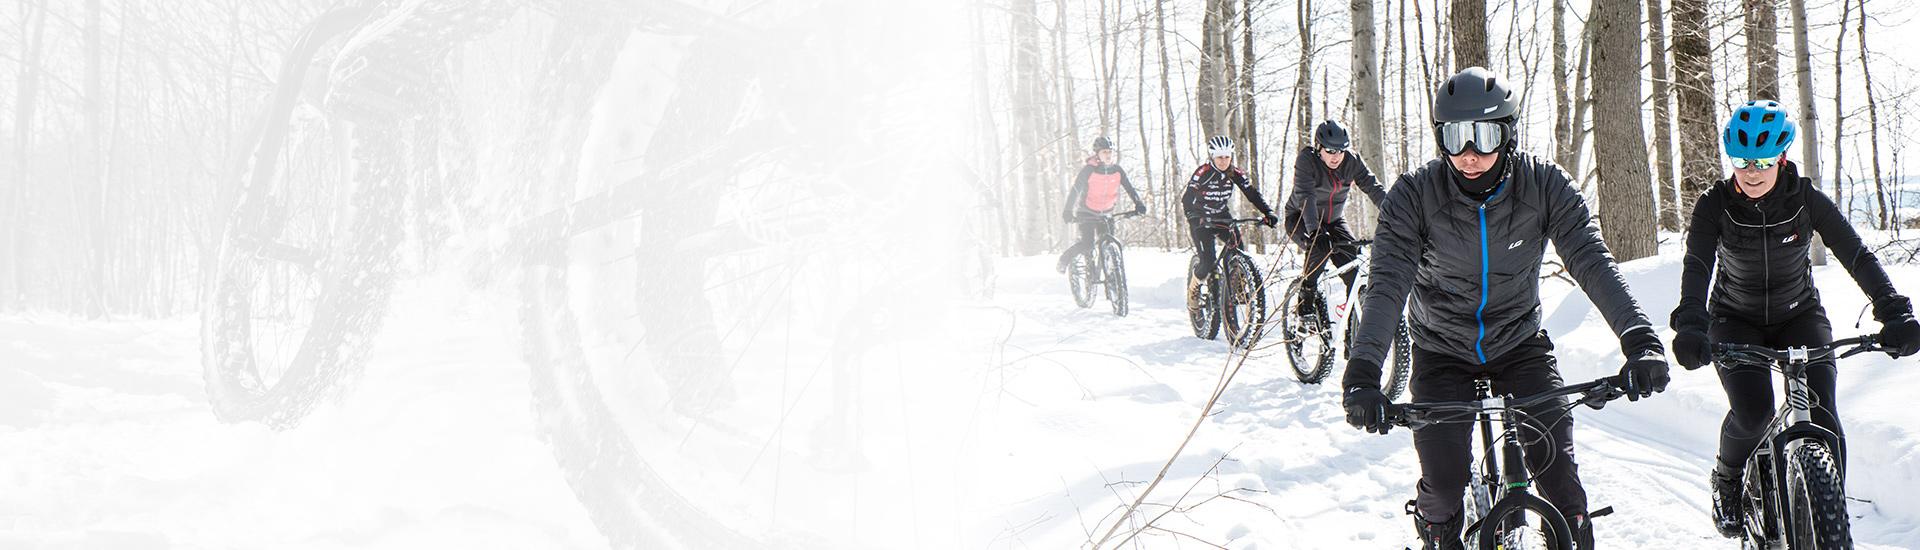 5 bonnes raisons d'avoir un fatbike* cet hiver